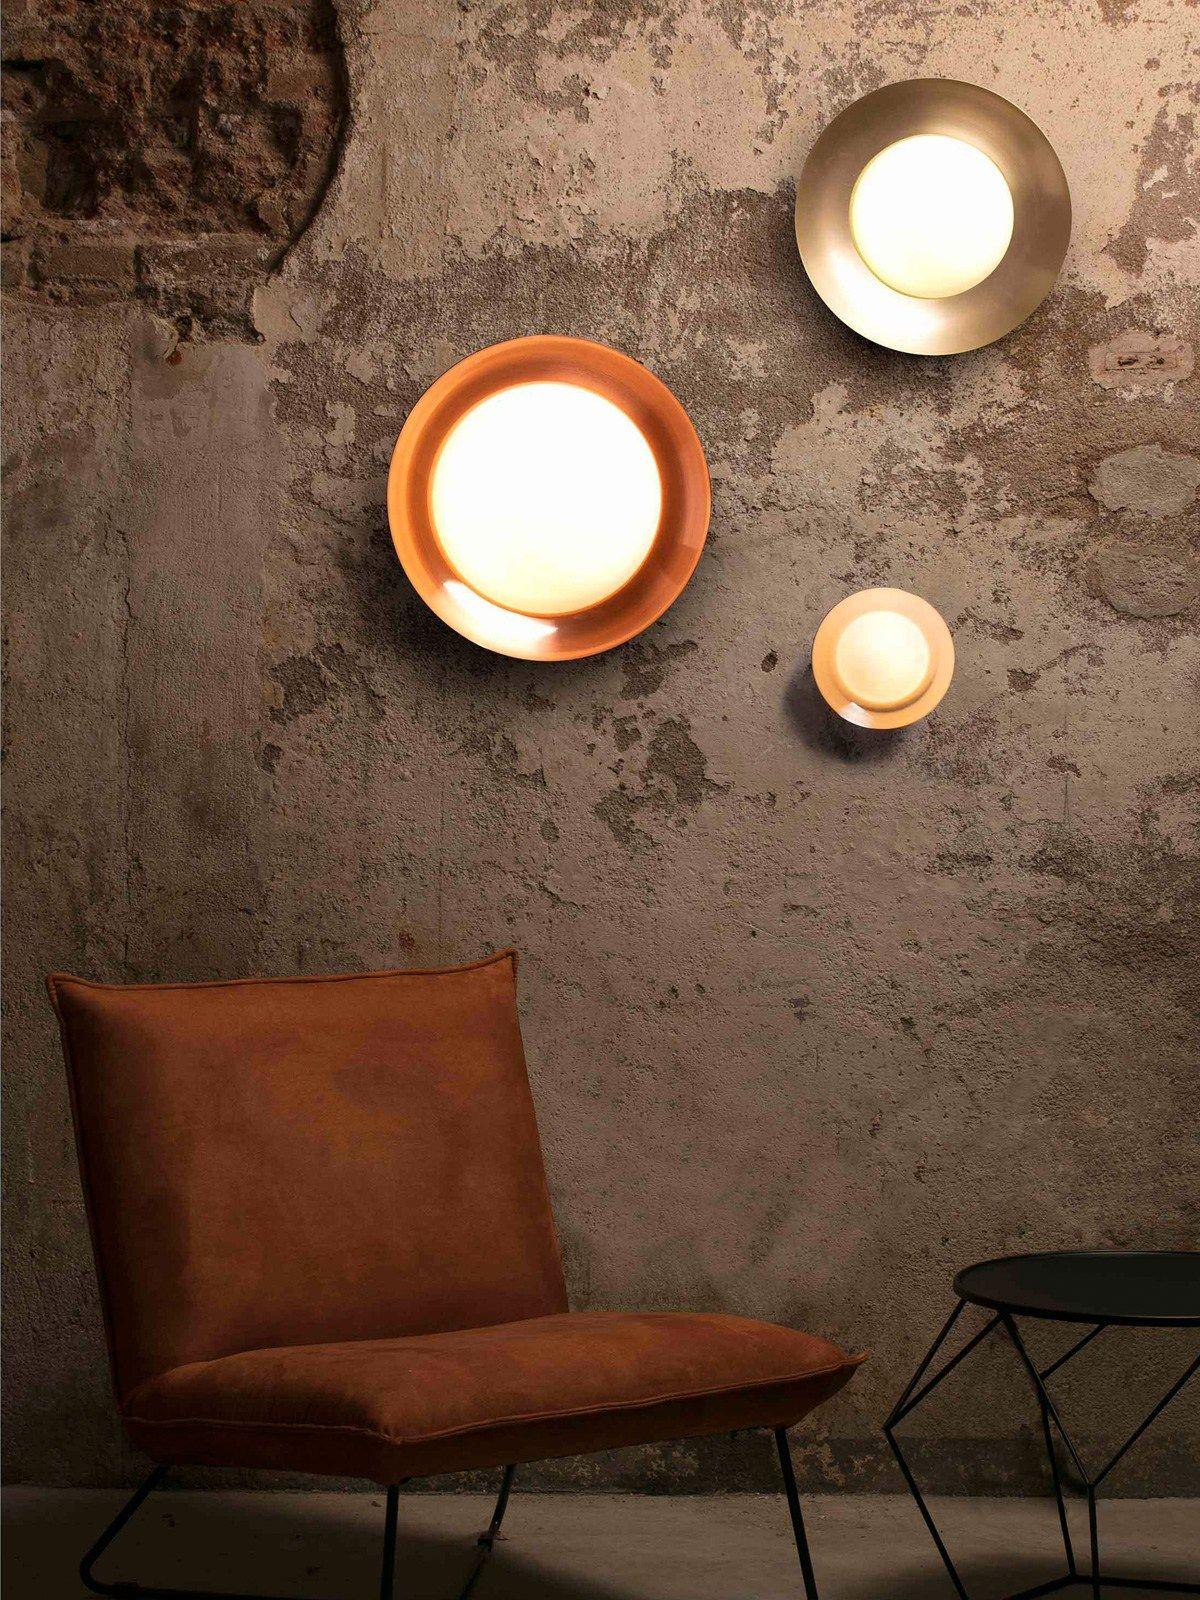 Side Lampen Leuchten Designerleuchten Online Berlin Design Lampen Und Leuchten Lampe Kupfer Beleuchtung